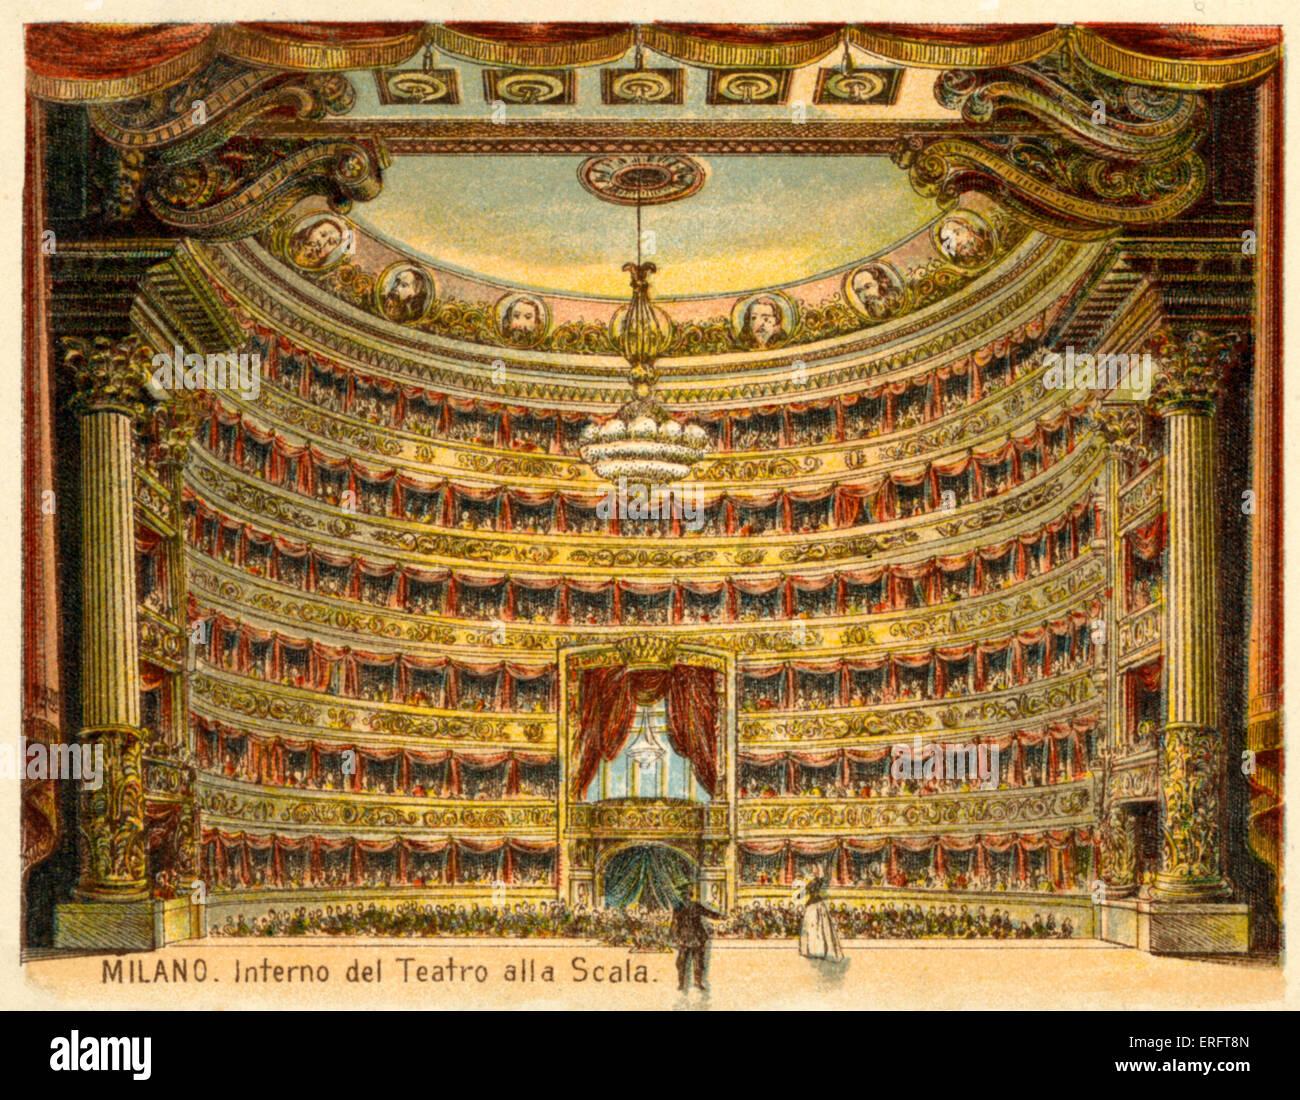 Auditorium Interior Stage Stockfotos & Auditorium Interior Stage ...